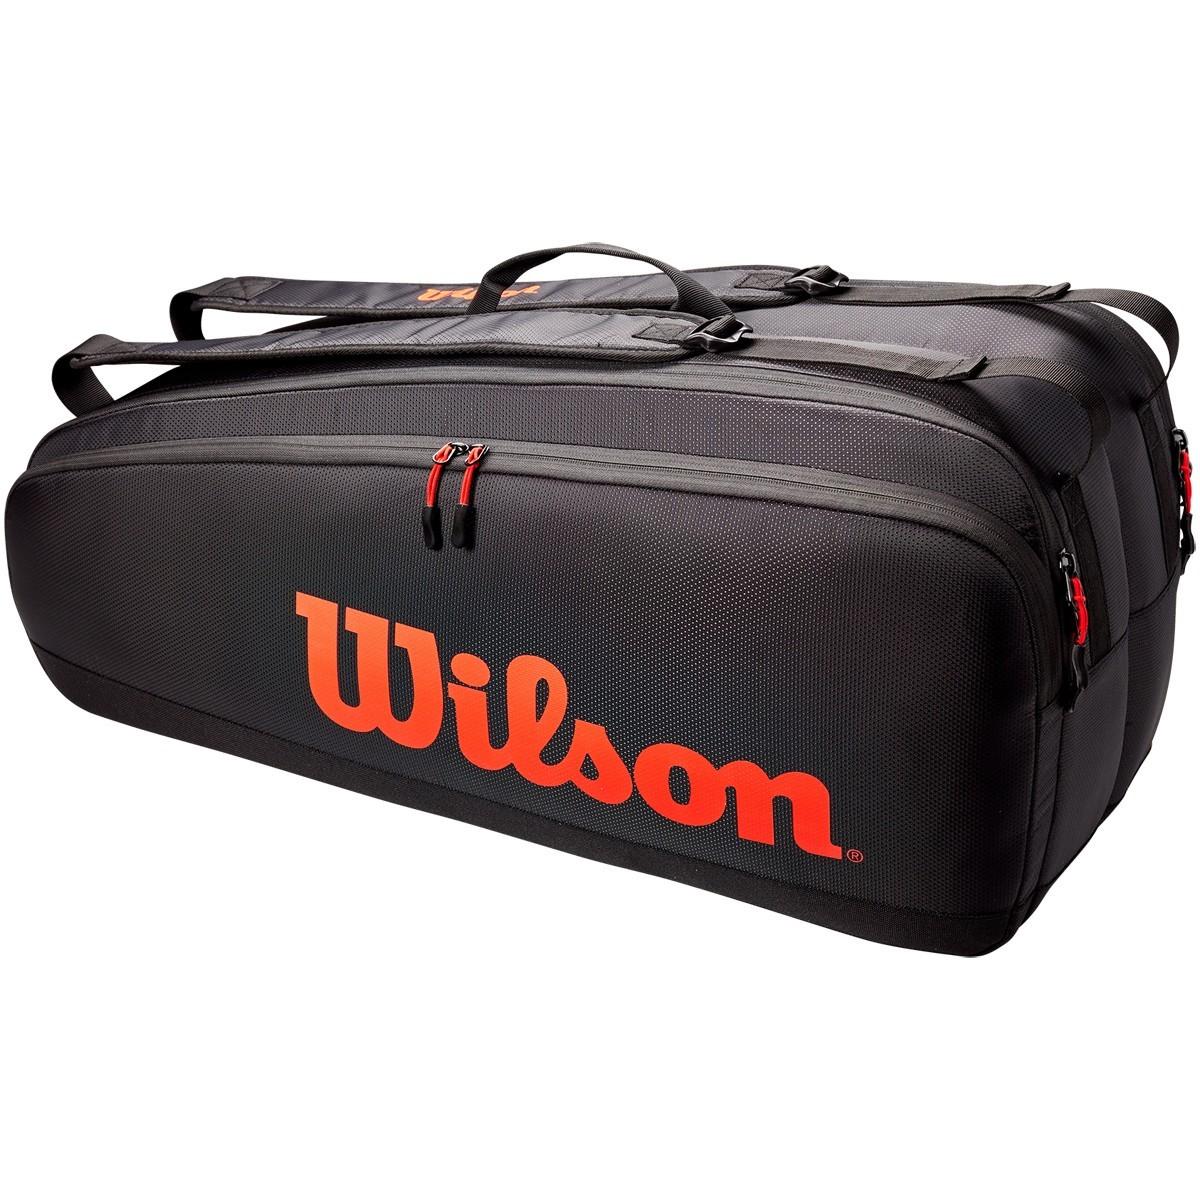 Теннисная сумка Wilson Tour 6 Pk black/red